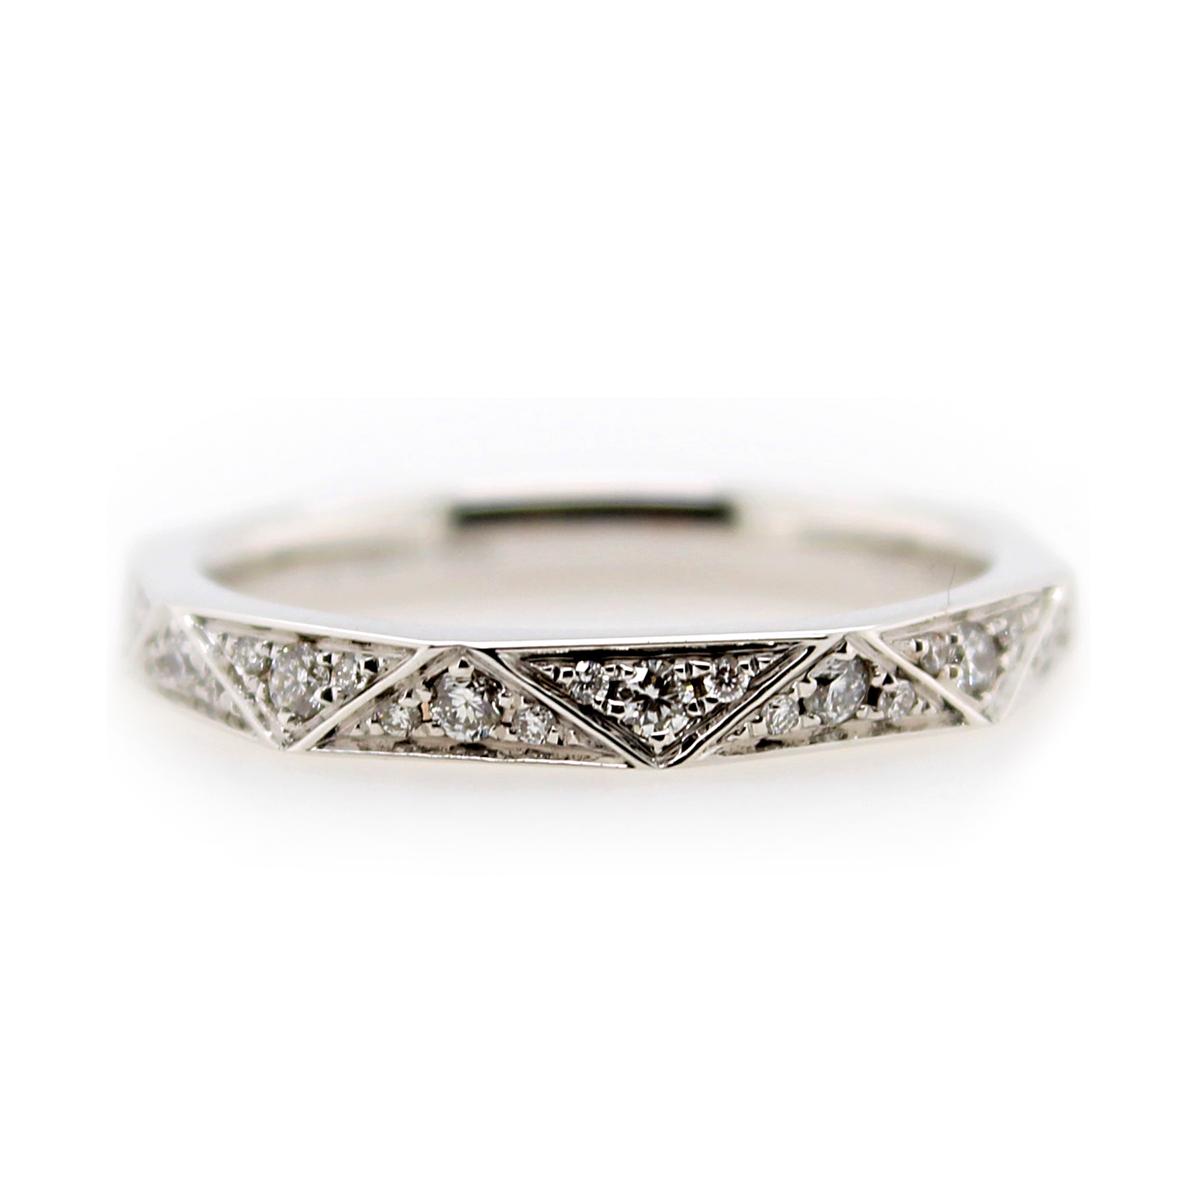 Henri Daussi 14 Karat White Gold Diamond Prismatic Wedding Band